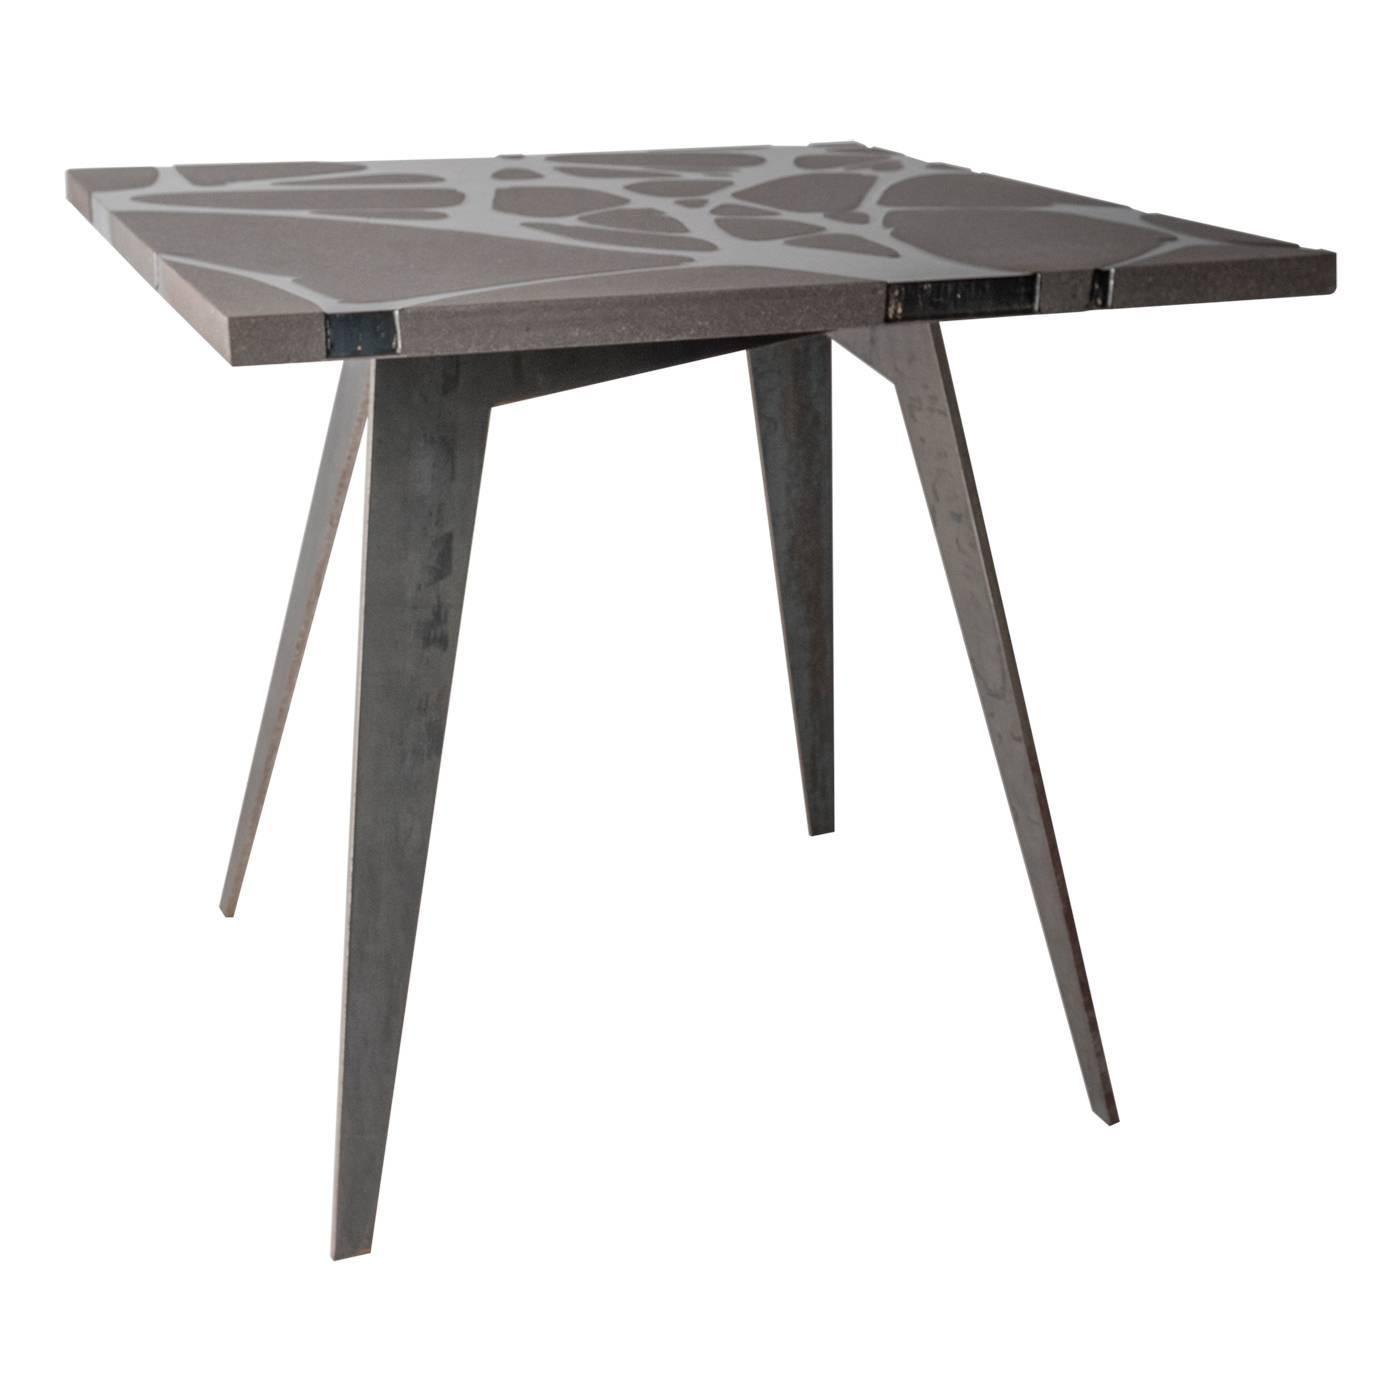 Contemporary Outdoor Table in Lava Stone and Steel, Venturae v3, Filodifumo